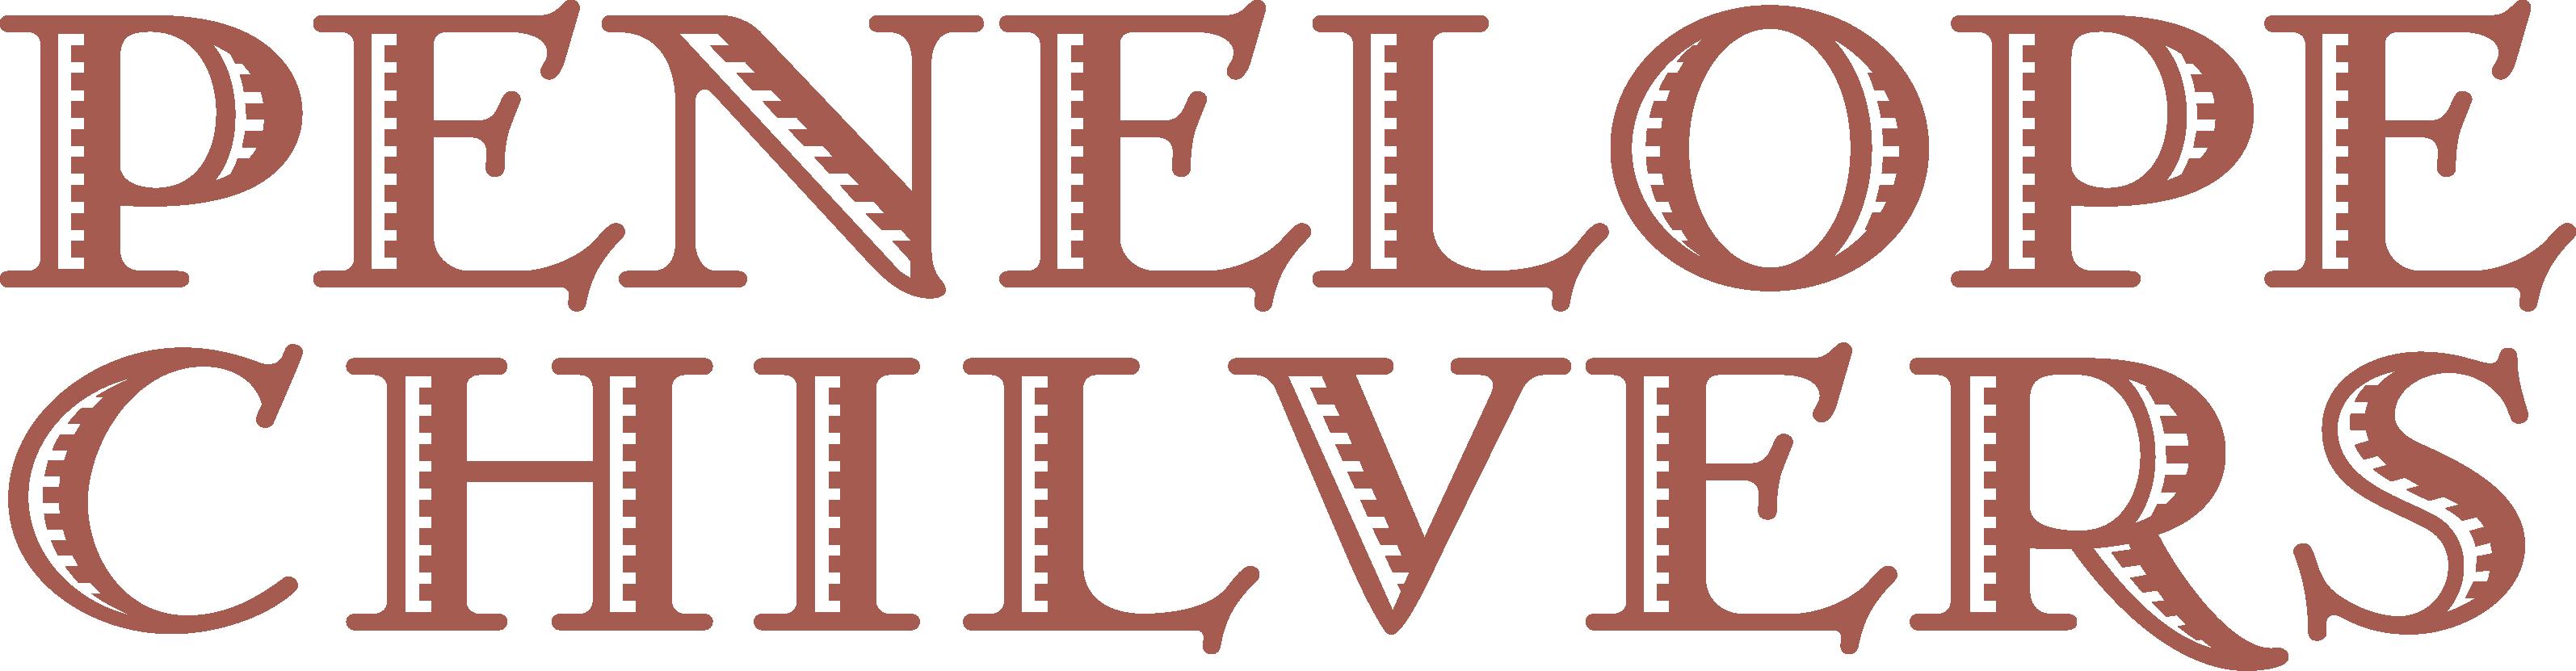 W_CEL_VEL_AW18